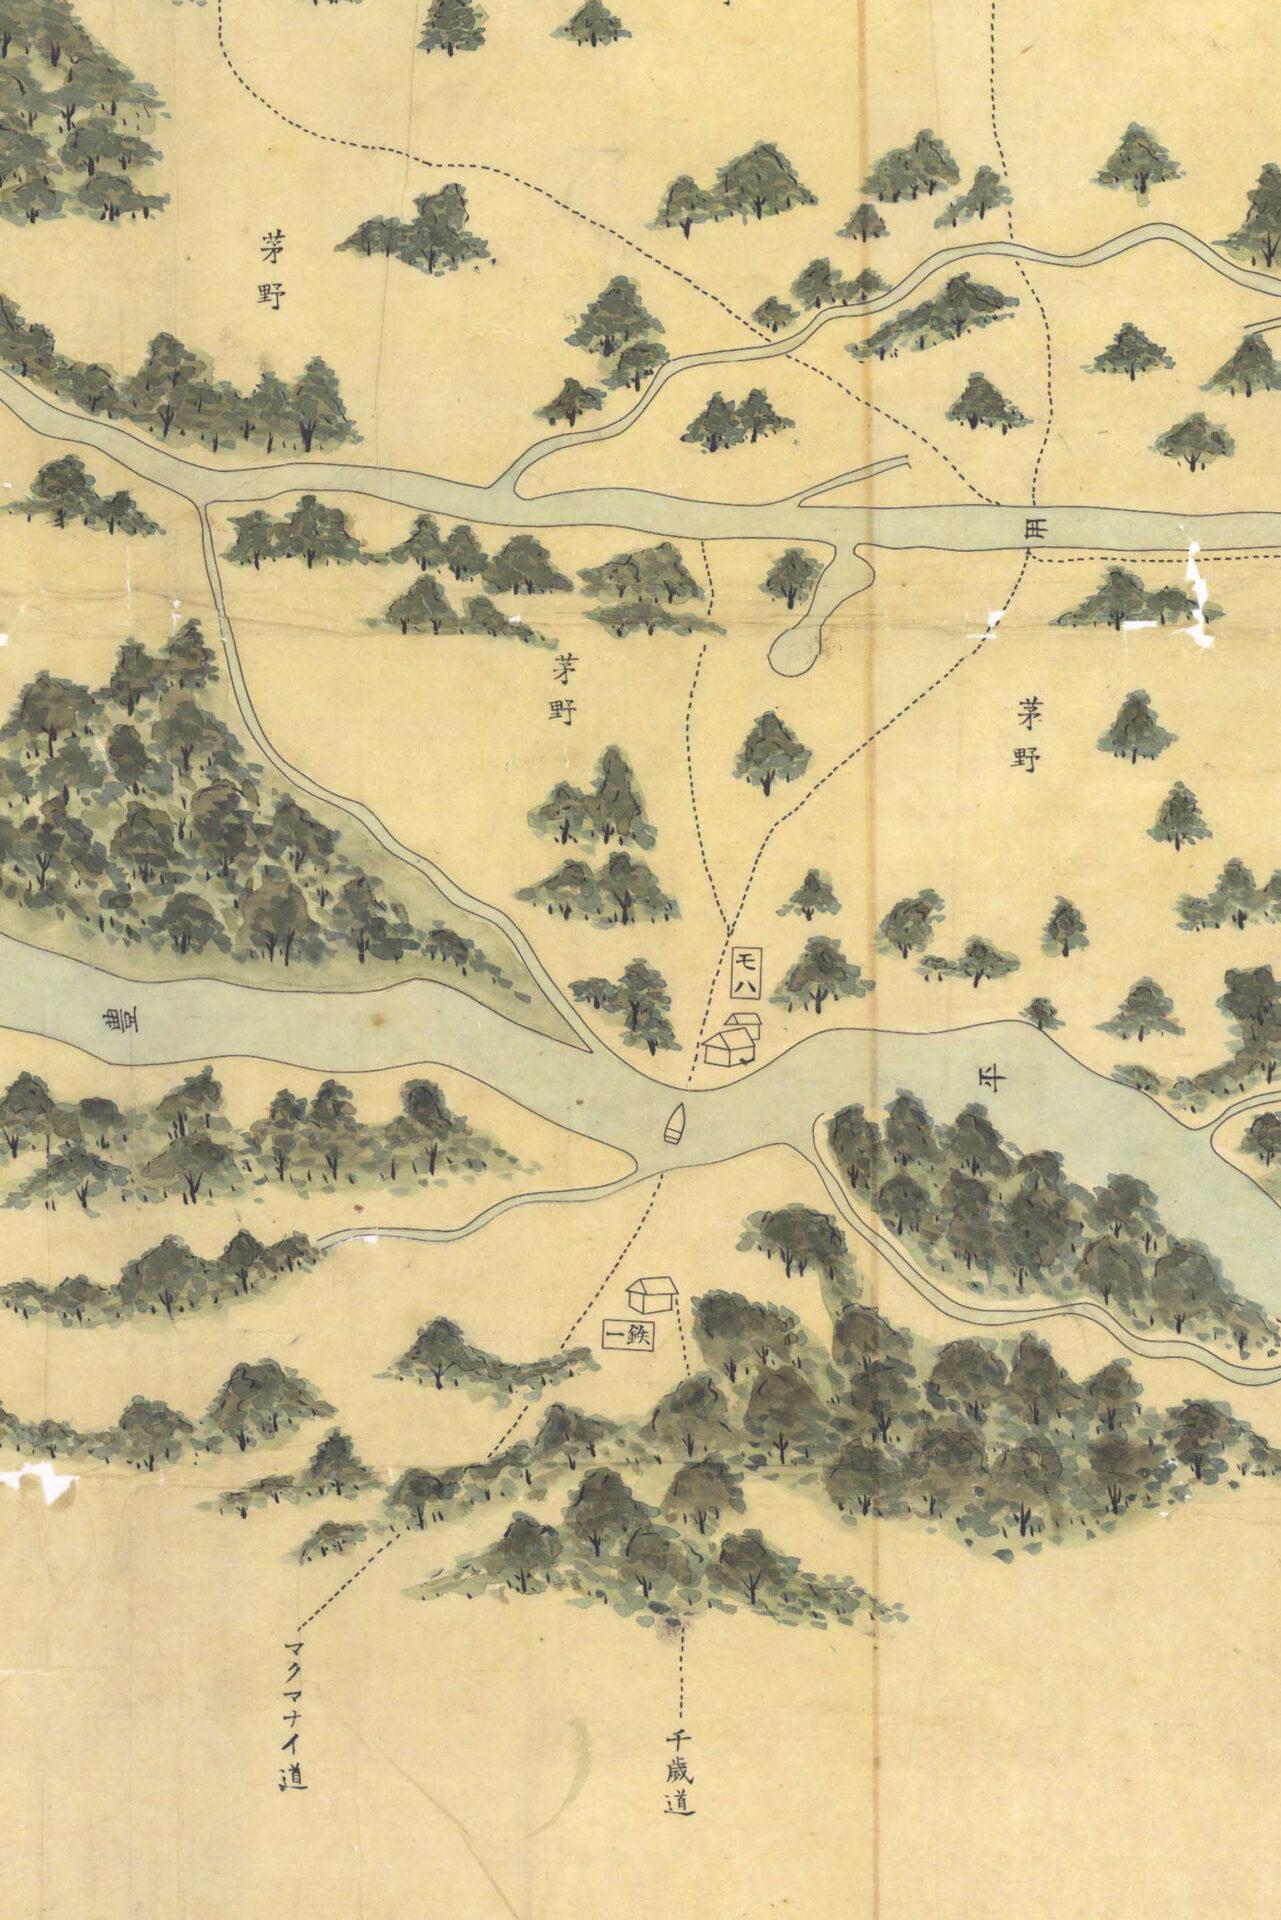 明治元年(1868年)の札幌の地図